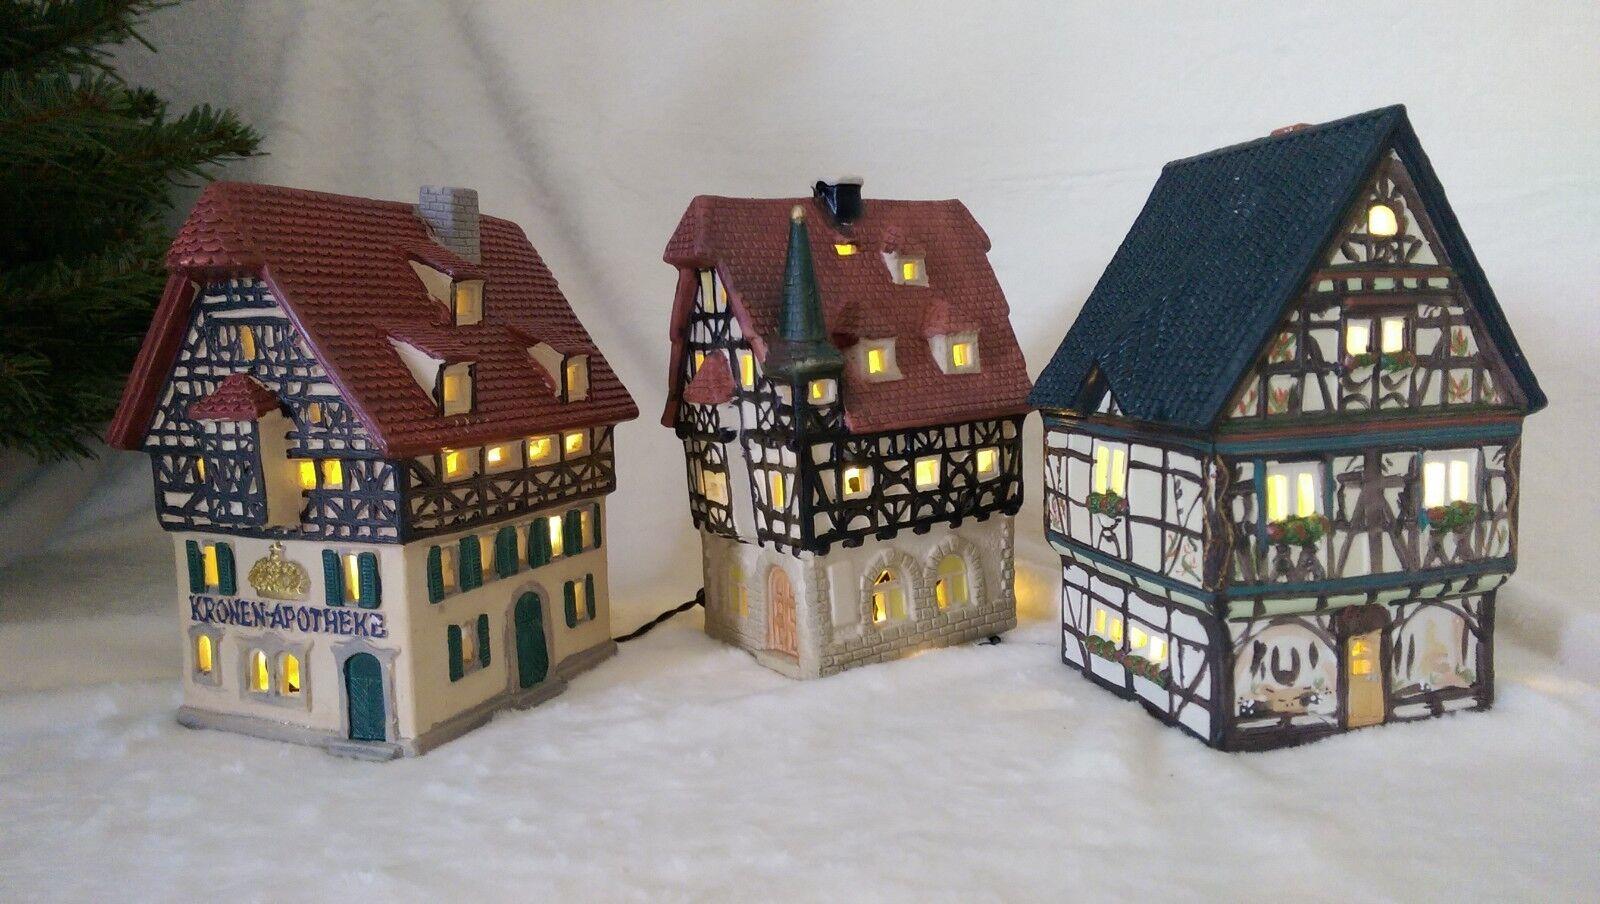 3 Stk Lichthaus   Teelicht   Leuchthaus G Wurm Porzellan handbemalt neuwertig